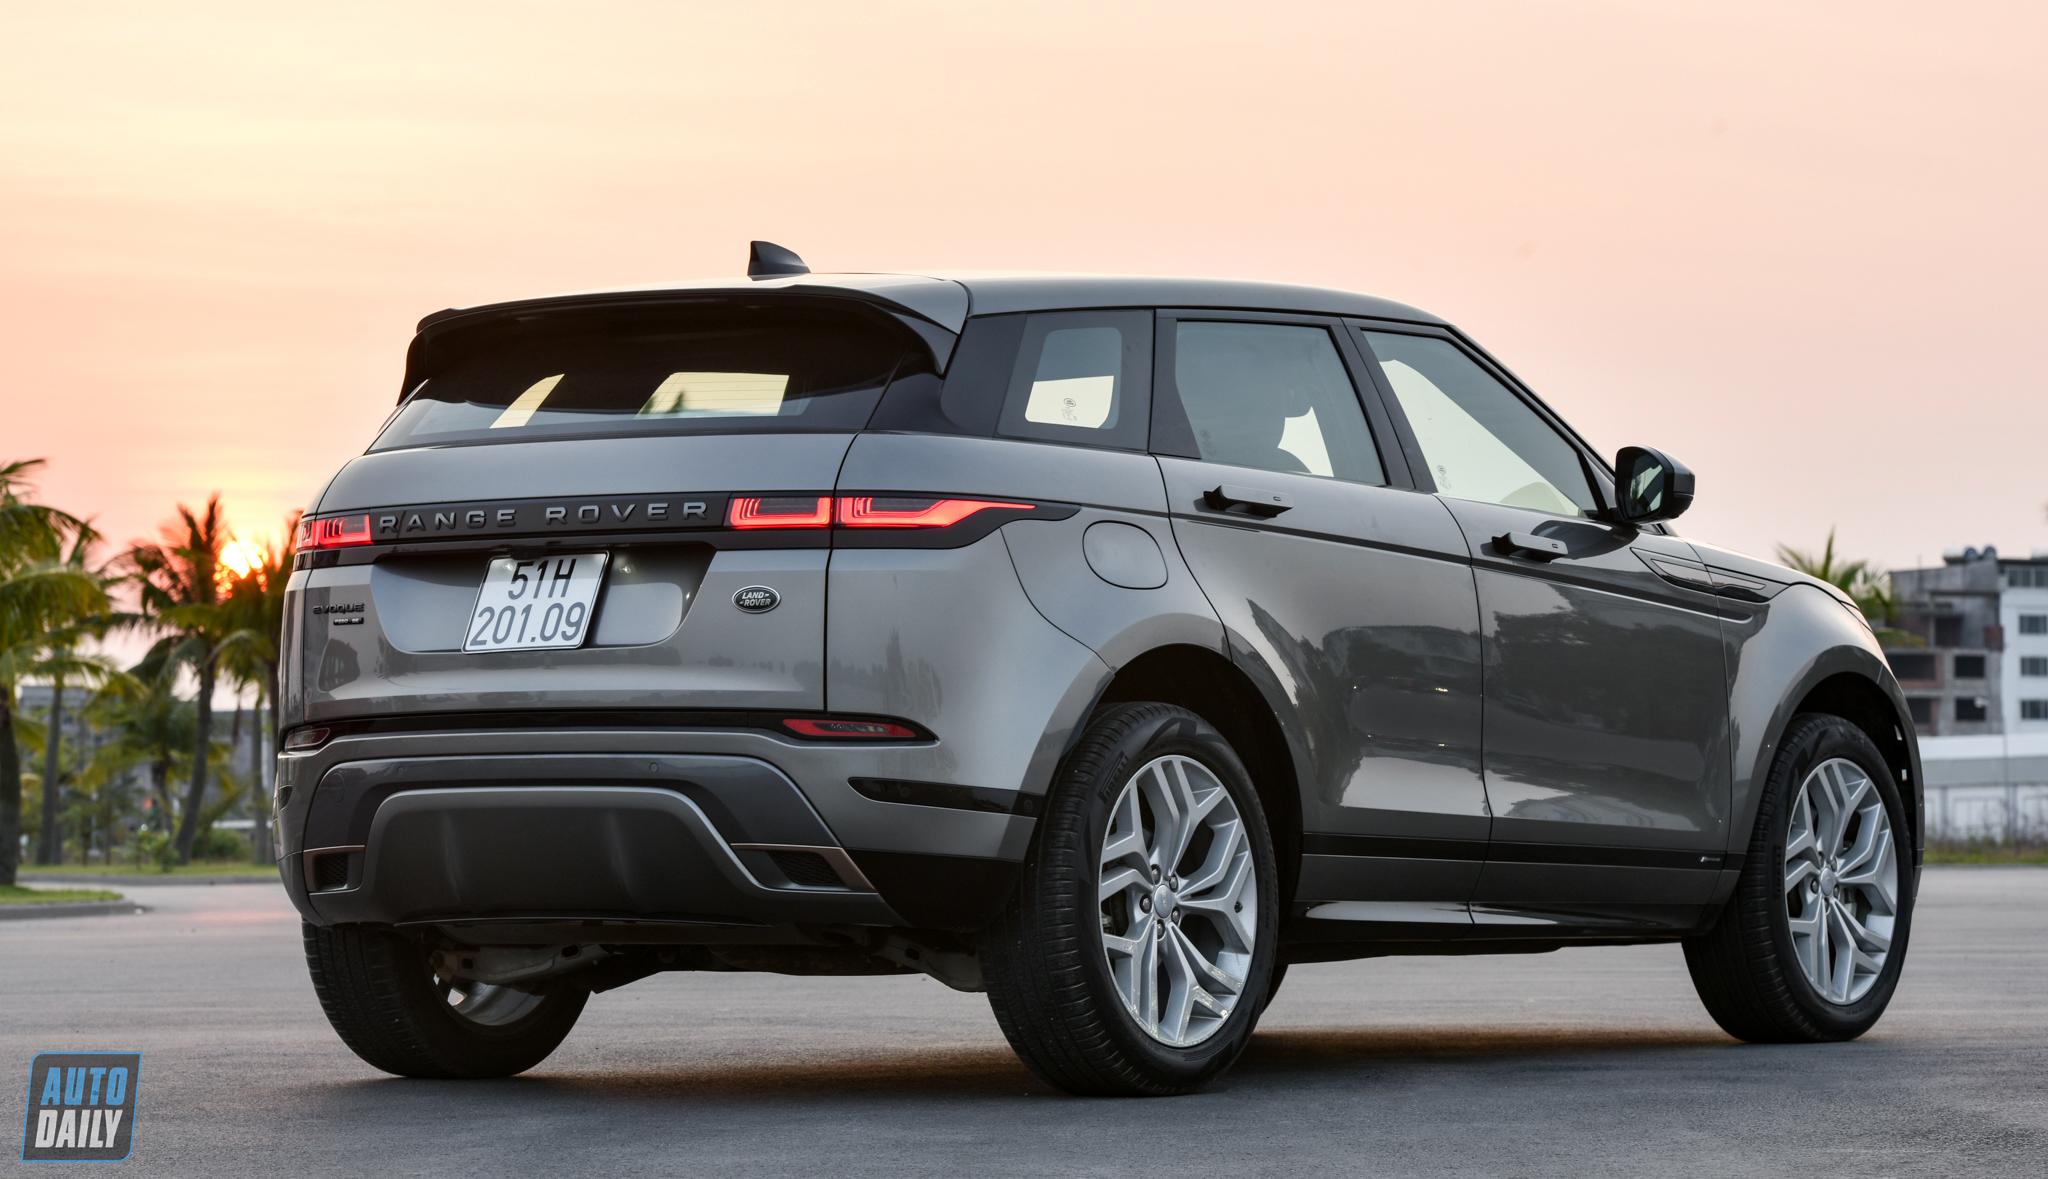 range-rover-evoque-2020-autodaily-27.jpg